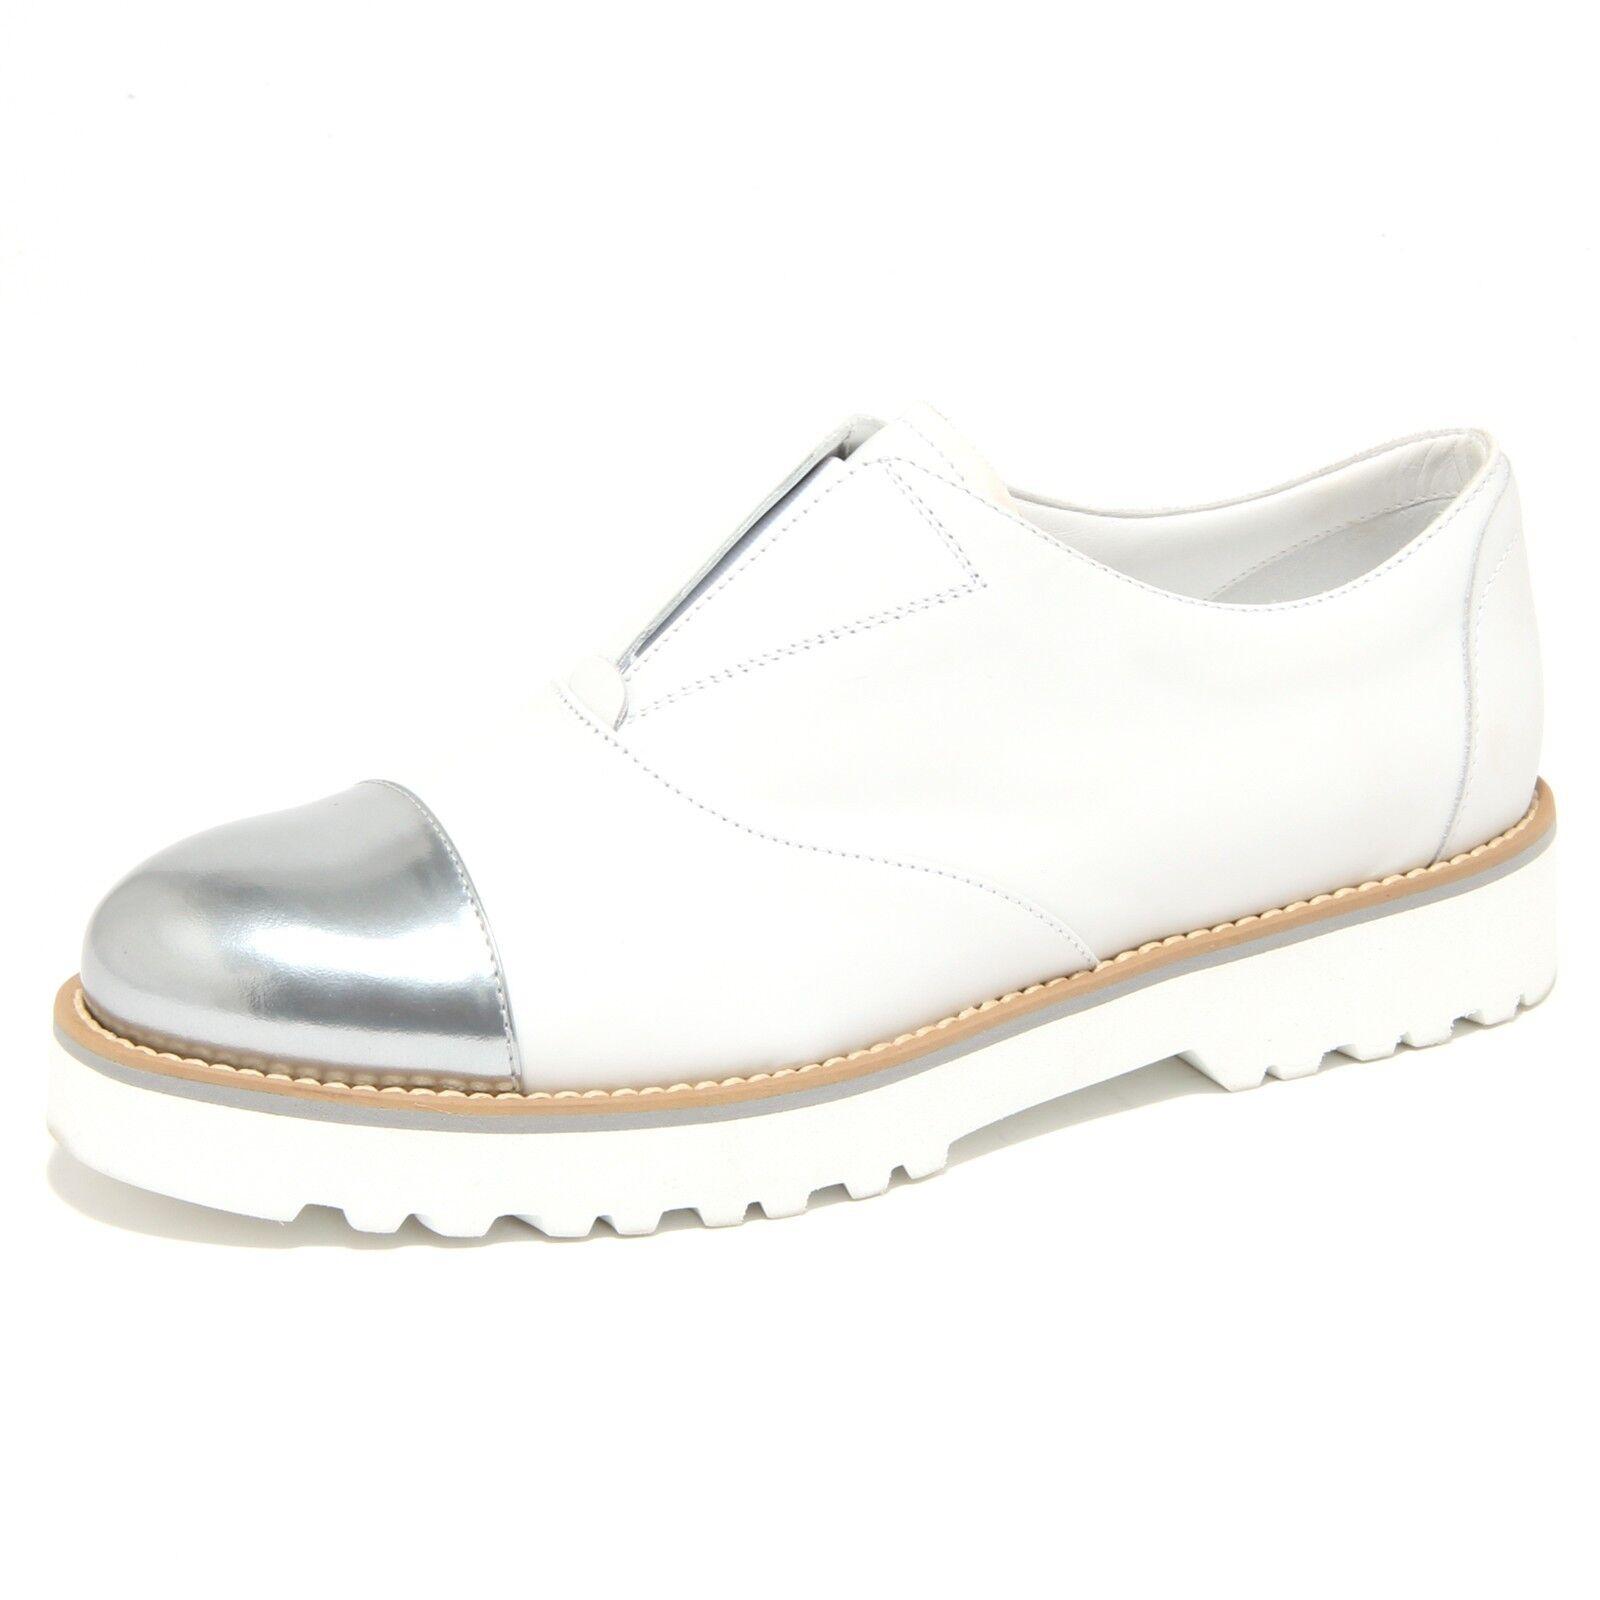 6407n sneaker hogan route scarpe donna slippers shoes women 3d8c45a62d4